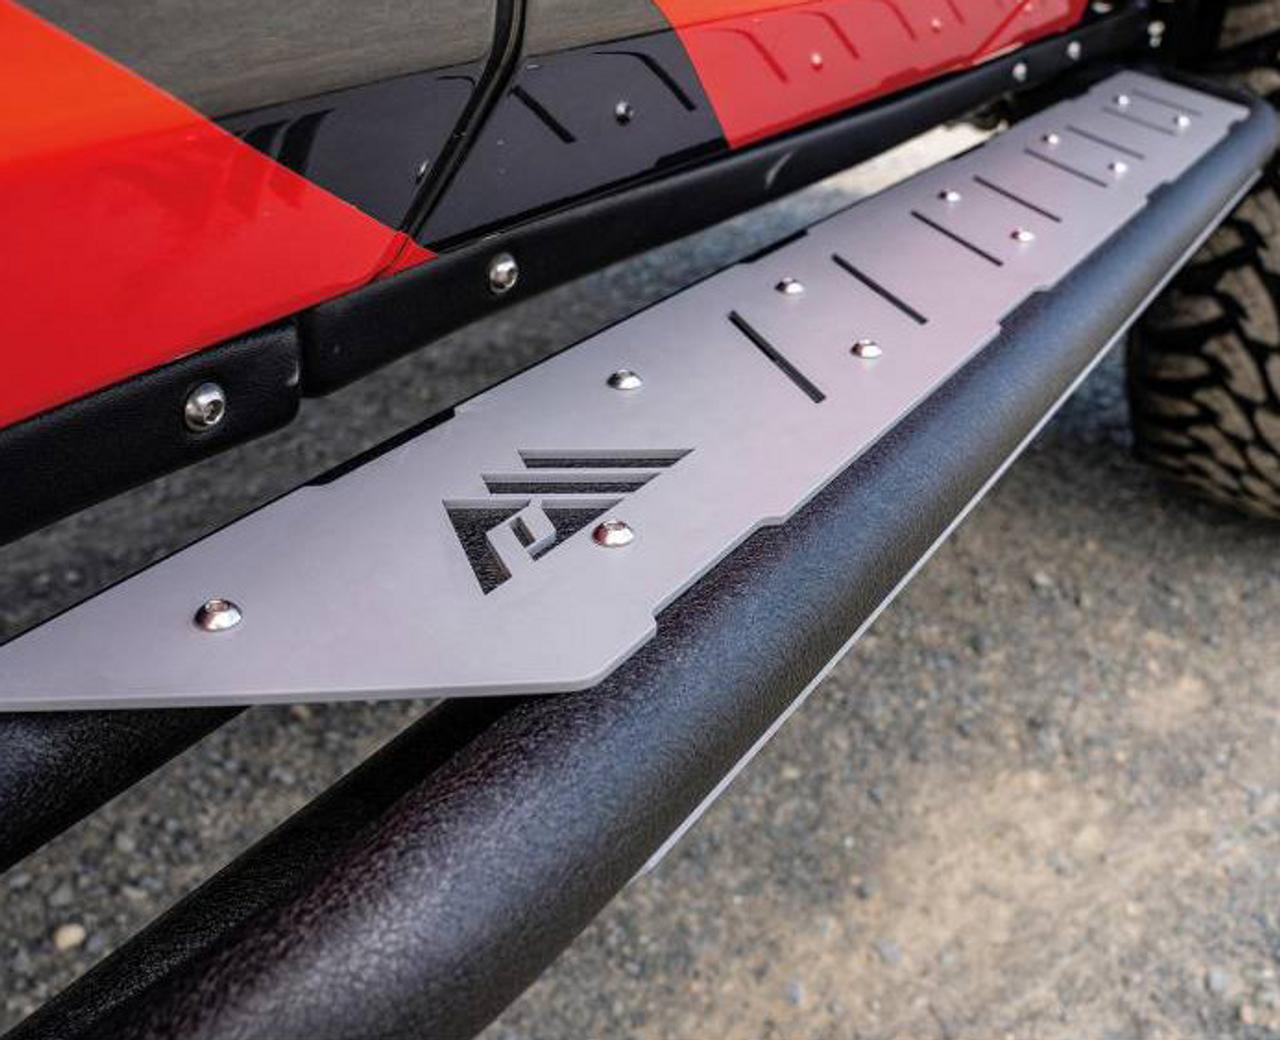 Paramount Automotive 81-20601 Gen2 Tri-Tube Rock Sliders for Jeep Wrangler JL 2 Door 2018+